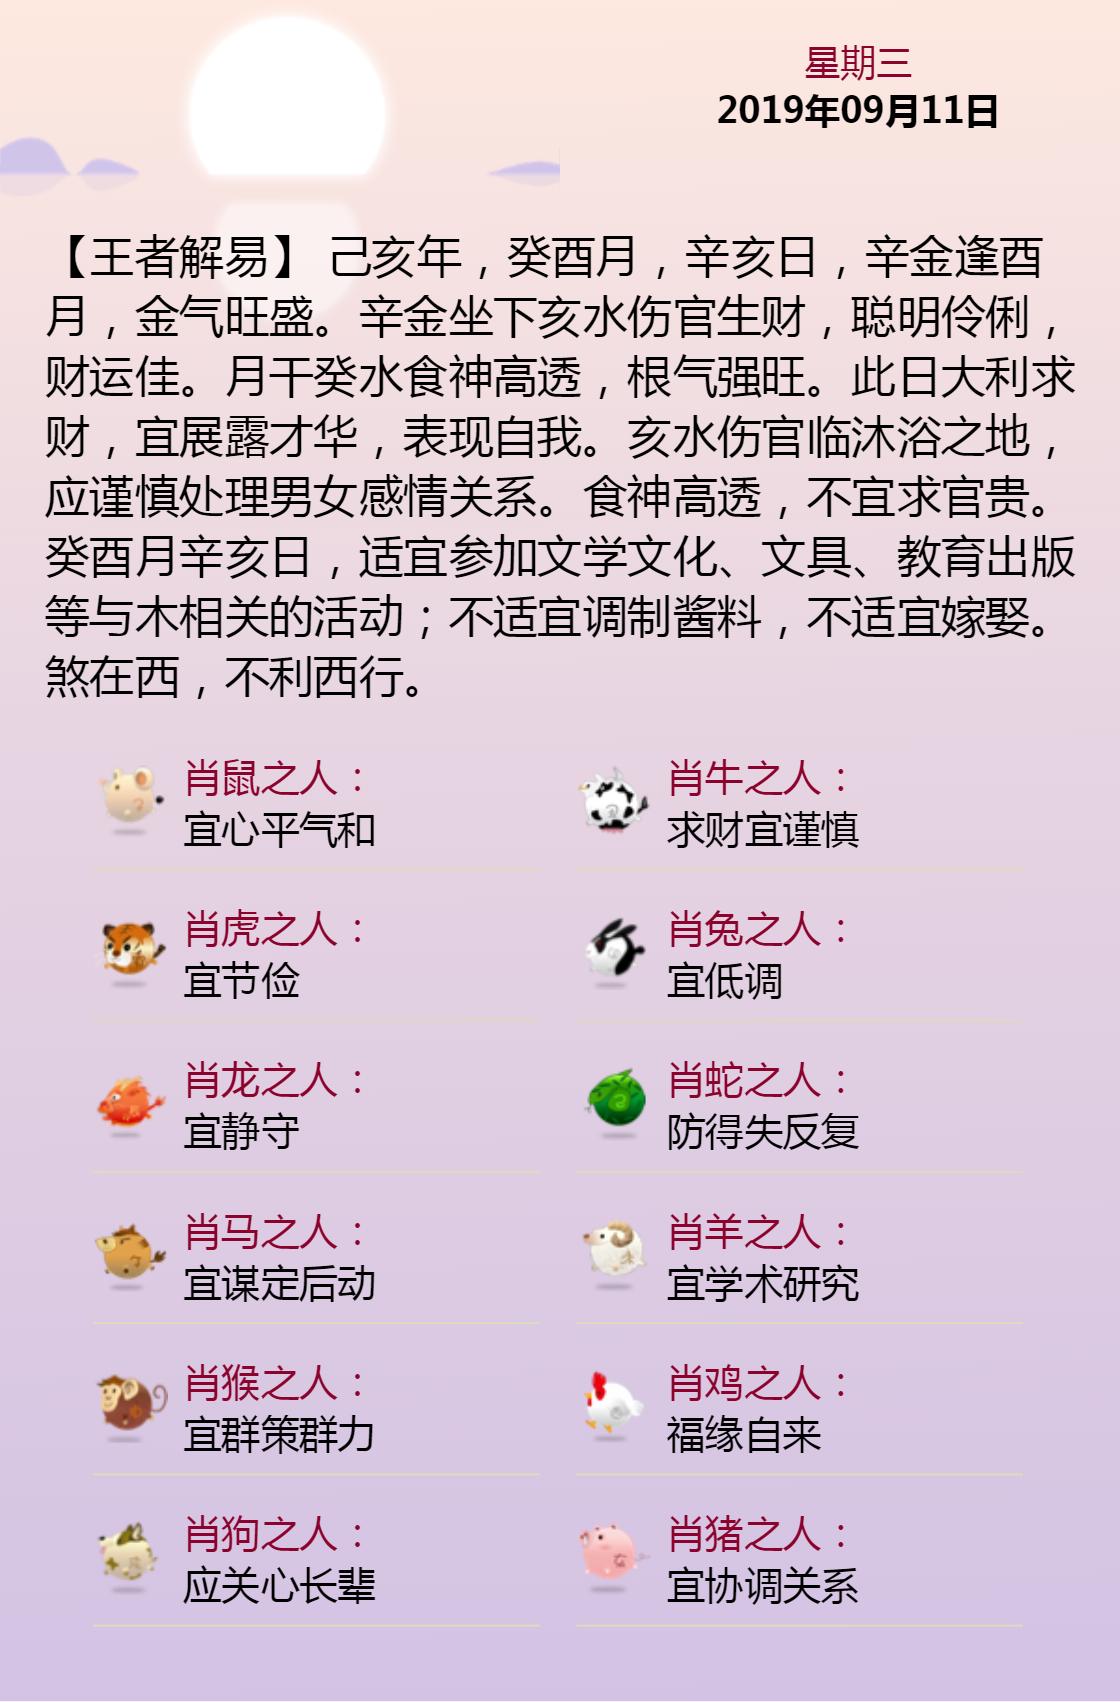 黄历海报20190911.png